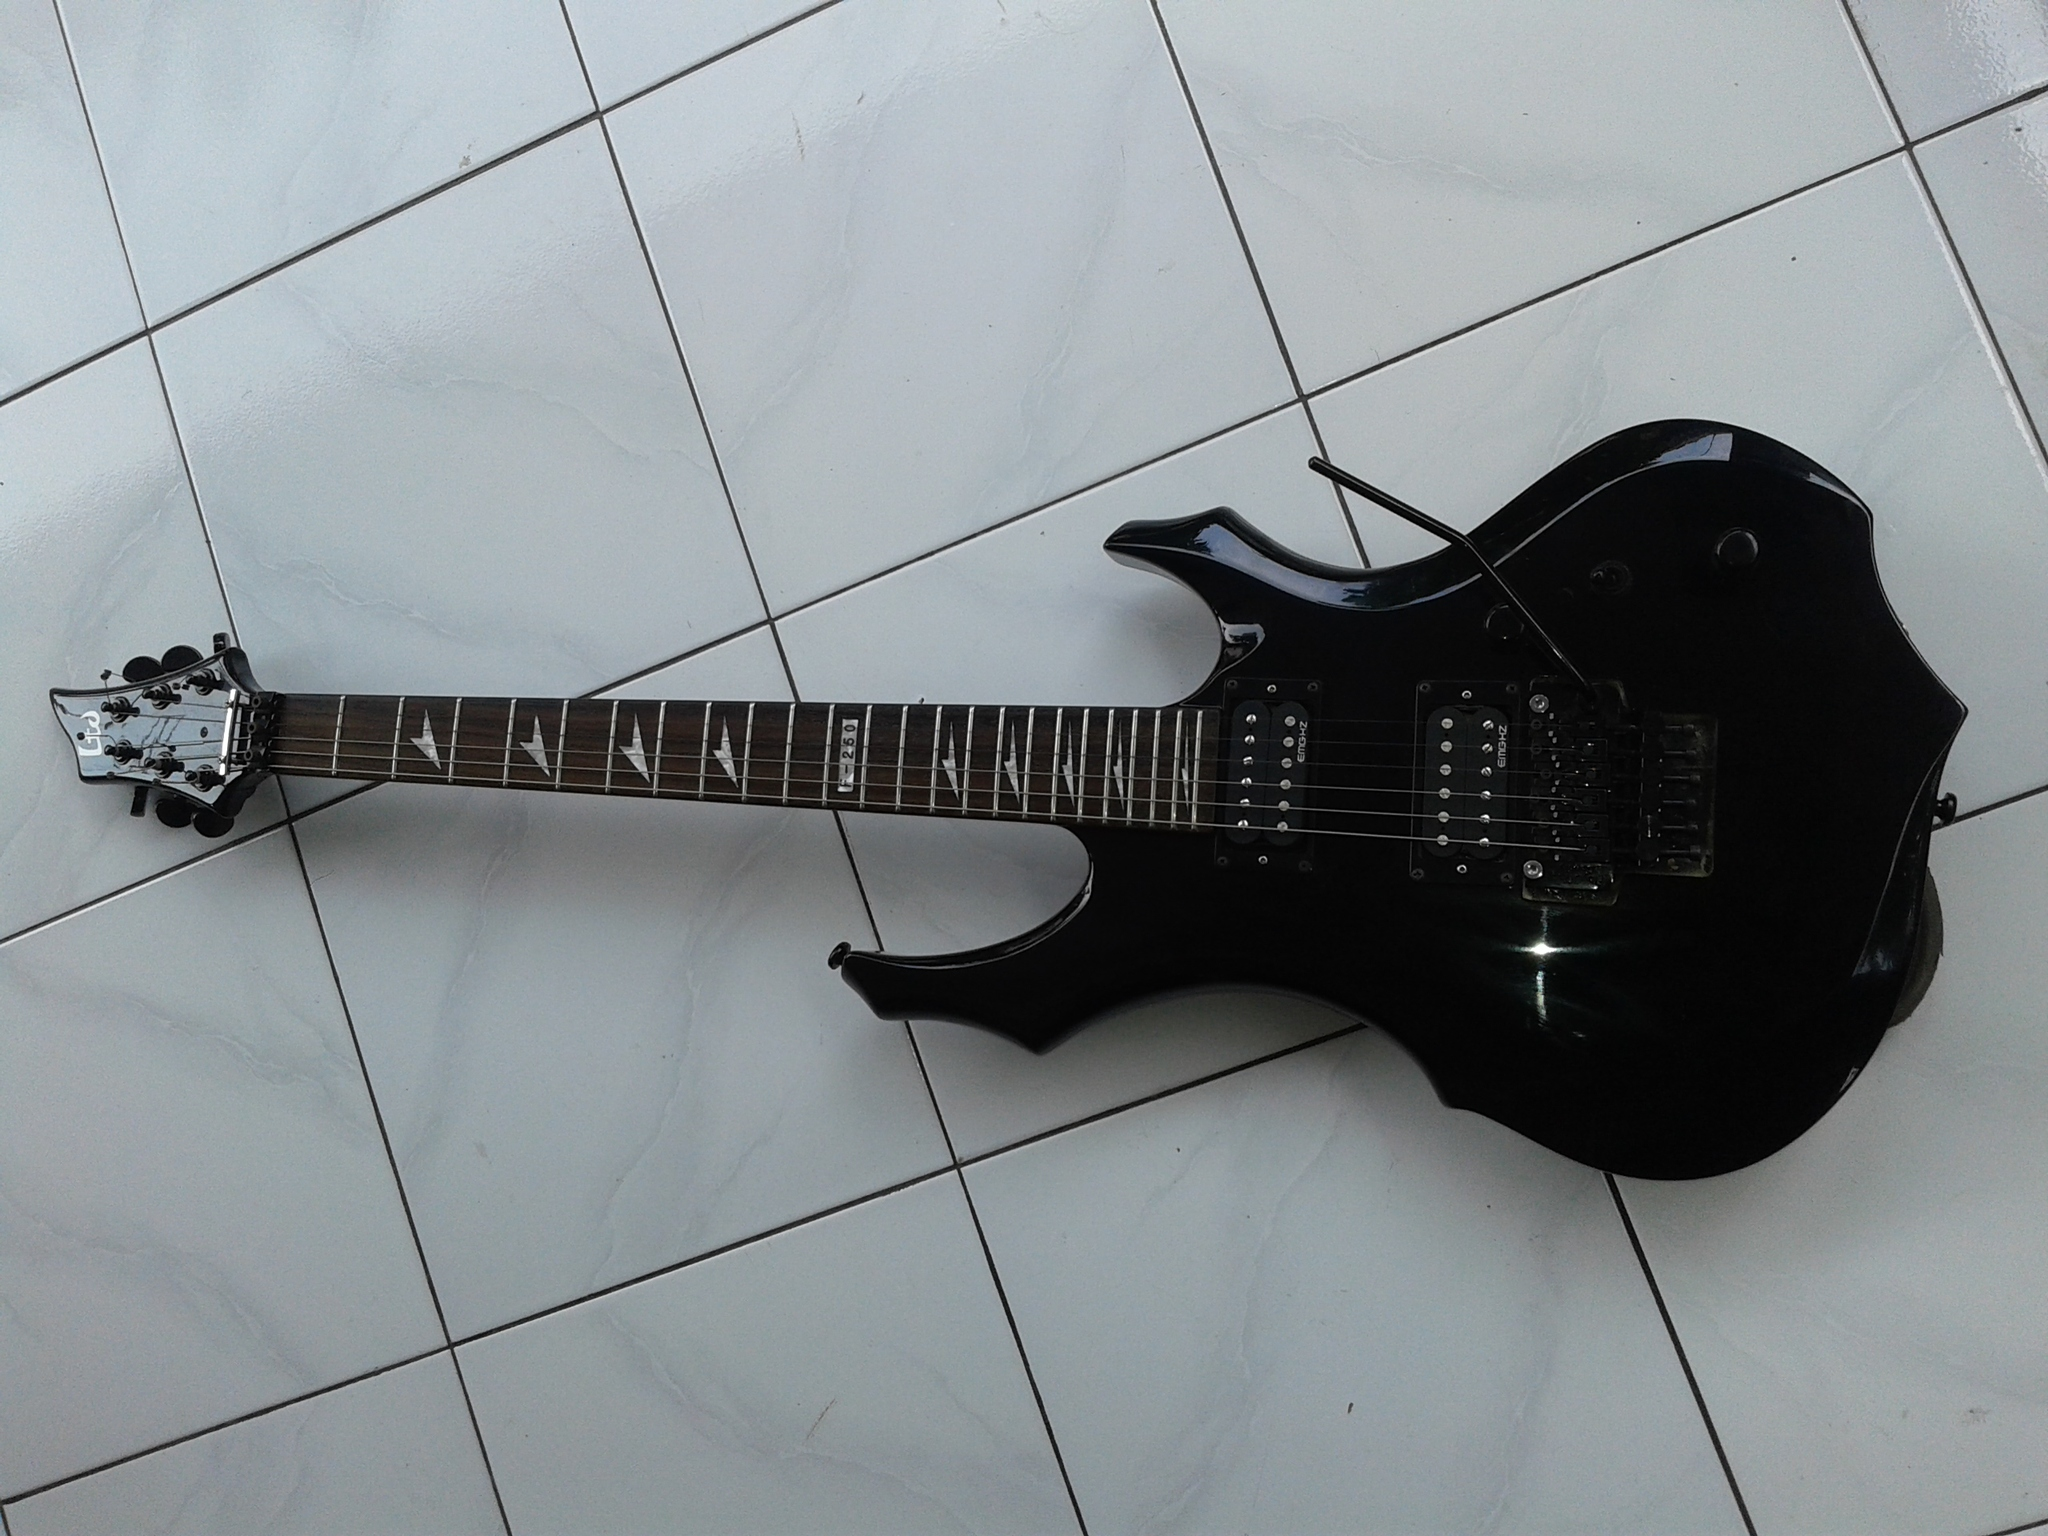 harga Guitar electric LTD ESP F-250 Korea Tokopedia.com